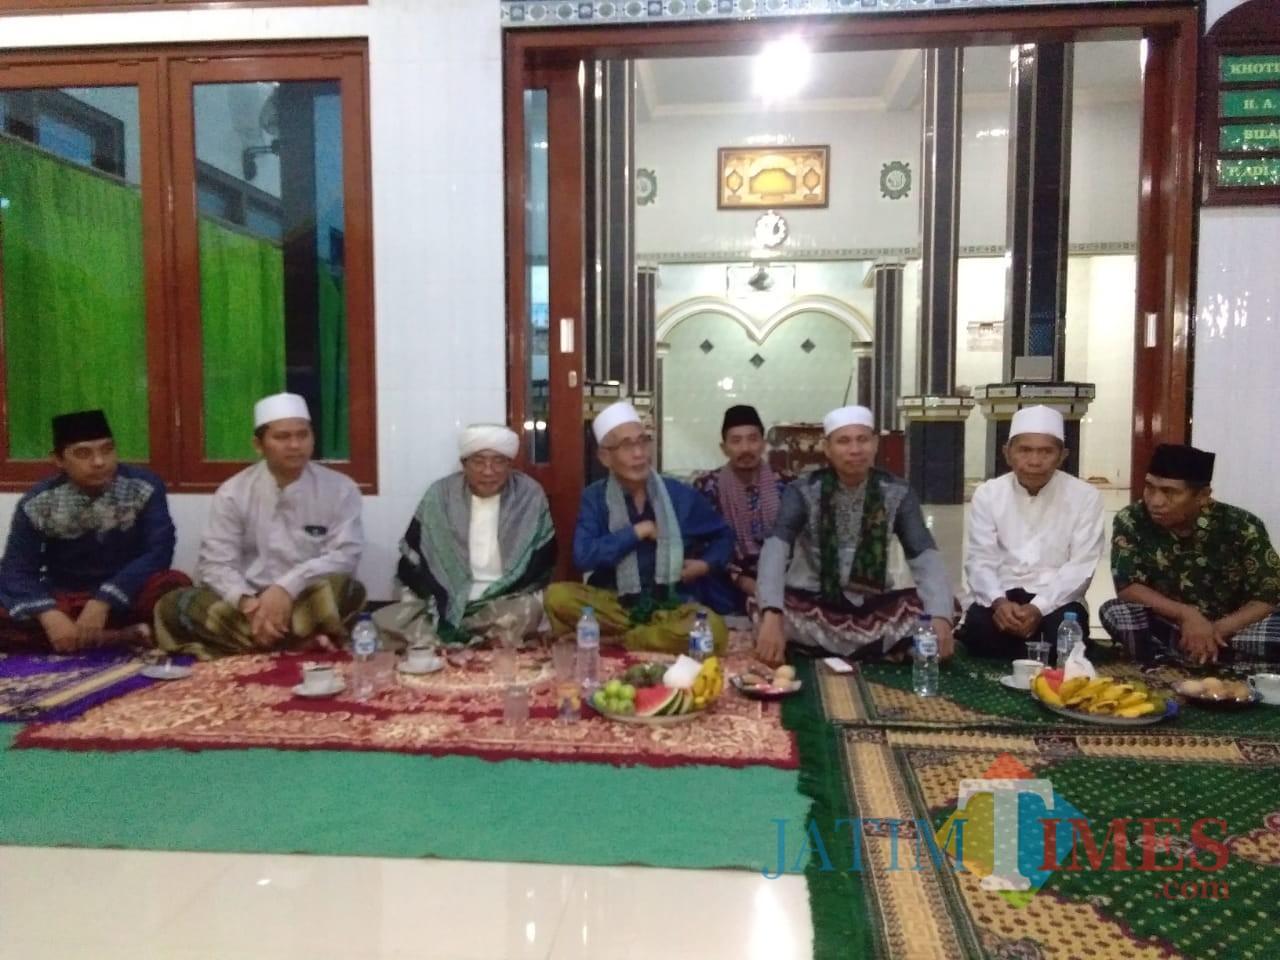 Bupati dan dandim duduk bersama didampingi sejumlah tokoh masyarakat Desa Paguan. Foto: Indra Setiawan/BondowosoTIMES